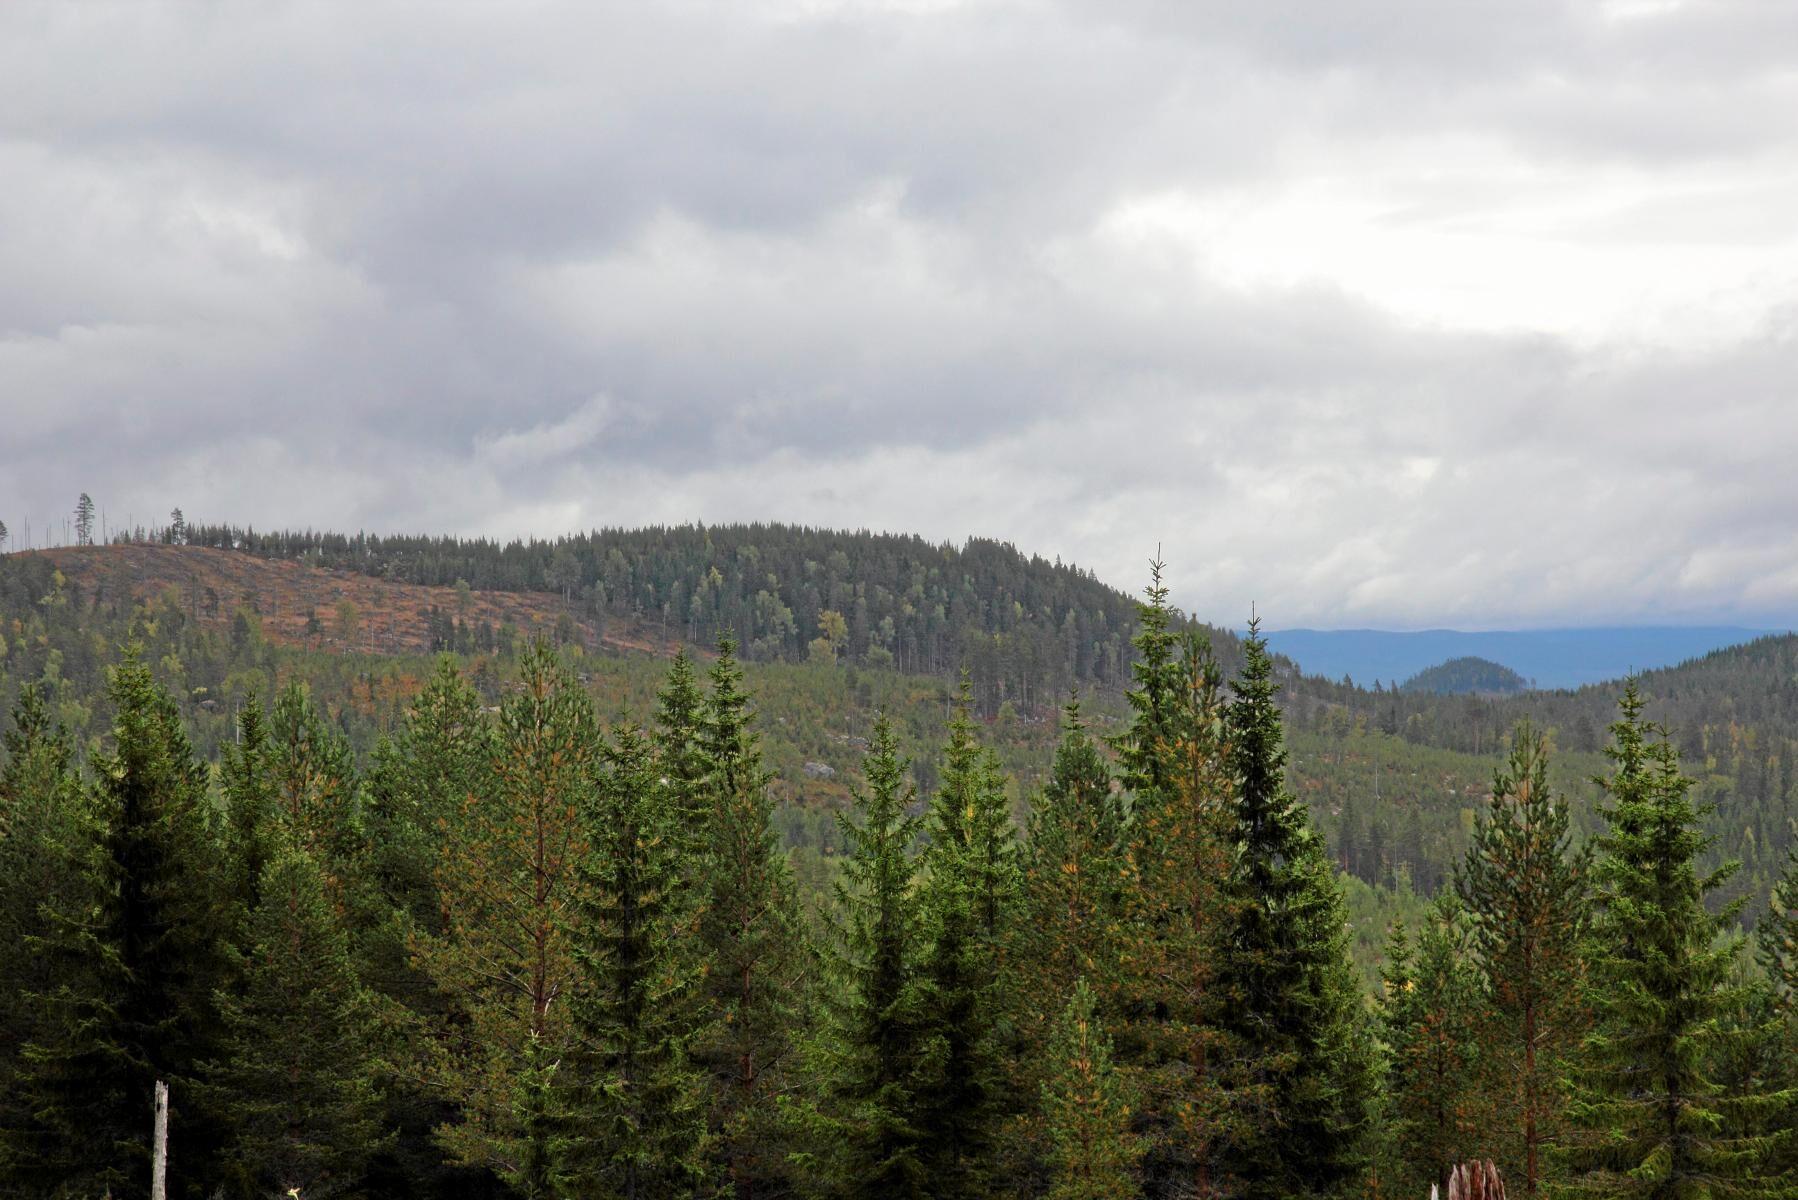 Uppsala är enda län där skogspriserna har sänkts. Arkivbild på skogslandskap.